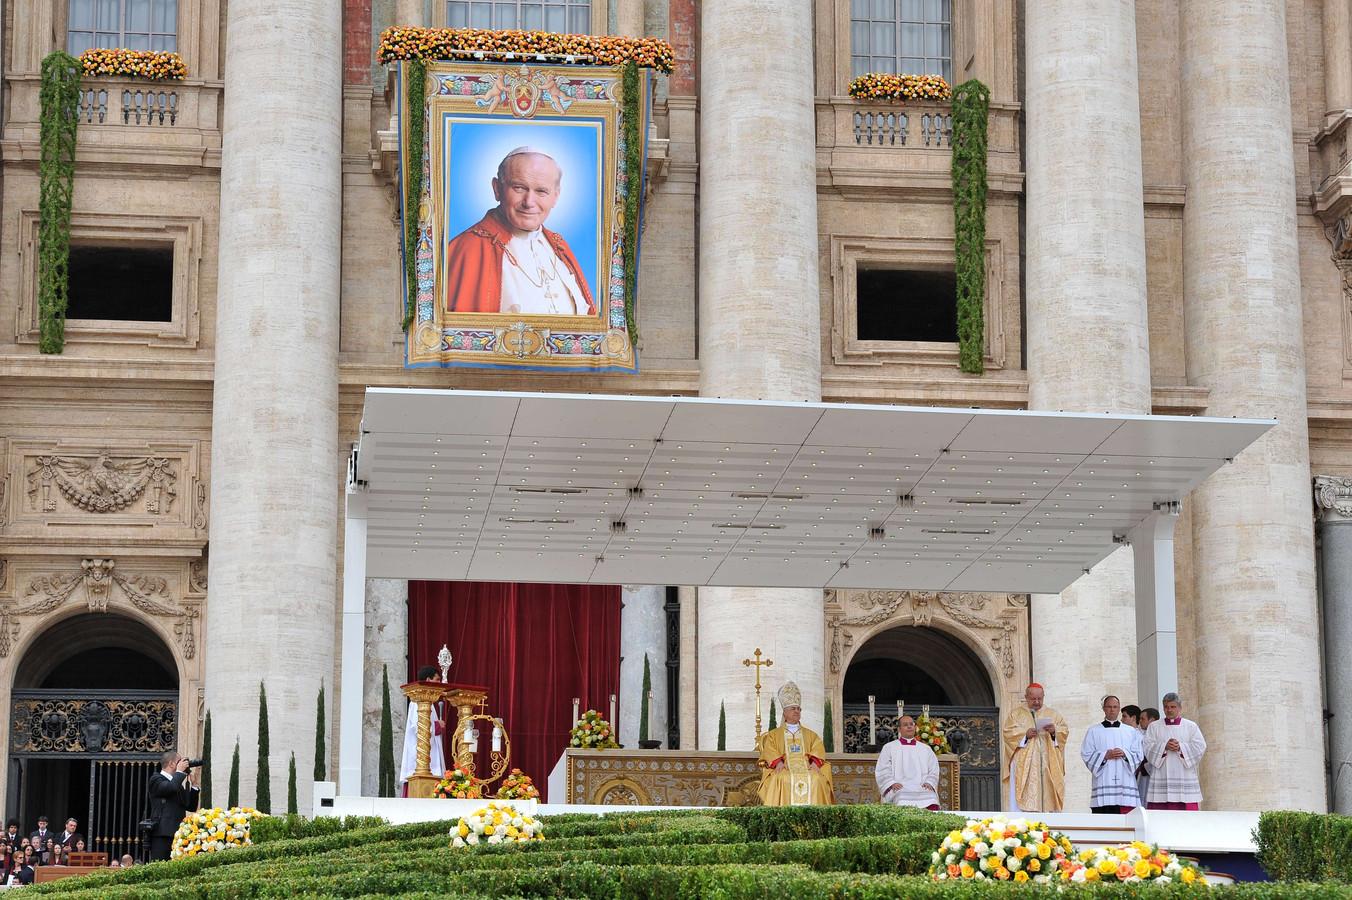 Kardinaal Stanislaw Dziwisz spreekt een dankwoord uit bij het Vaticaan in 2011. Er loopt een onderzoek naar hem vanwege nalatigheid bij het ingrijpen rond seksueel misbruik in de kerk.